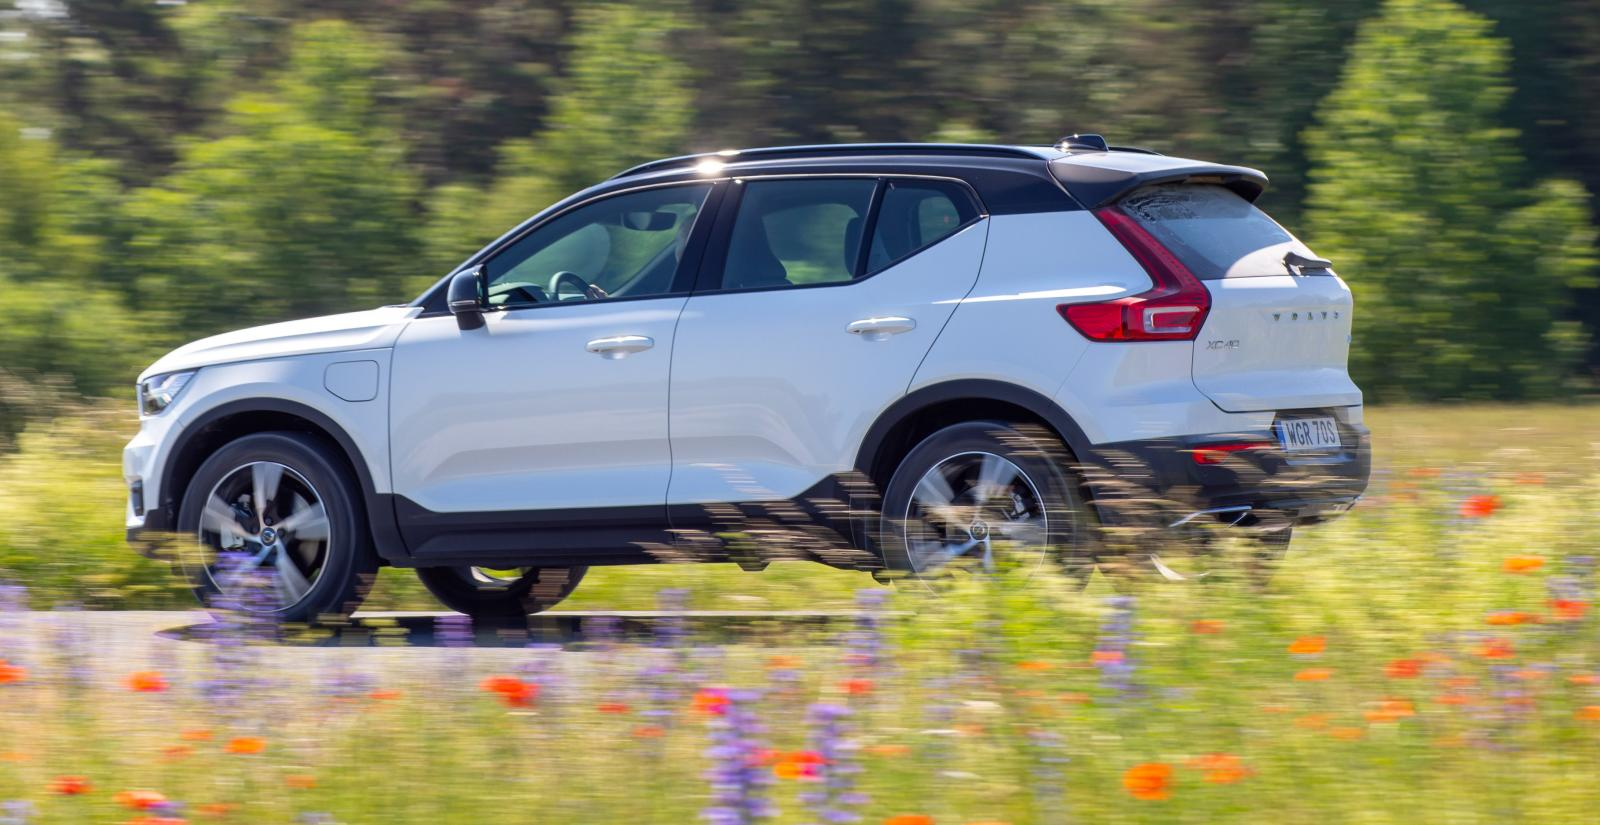 Volvo XC40 får beröm för att vara snålare som laddhybrid än vanlig bensinbil.